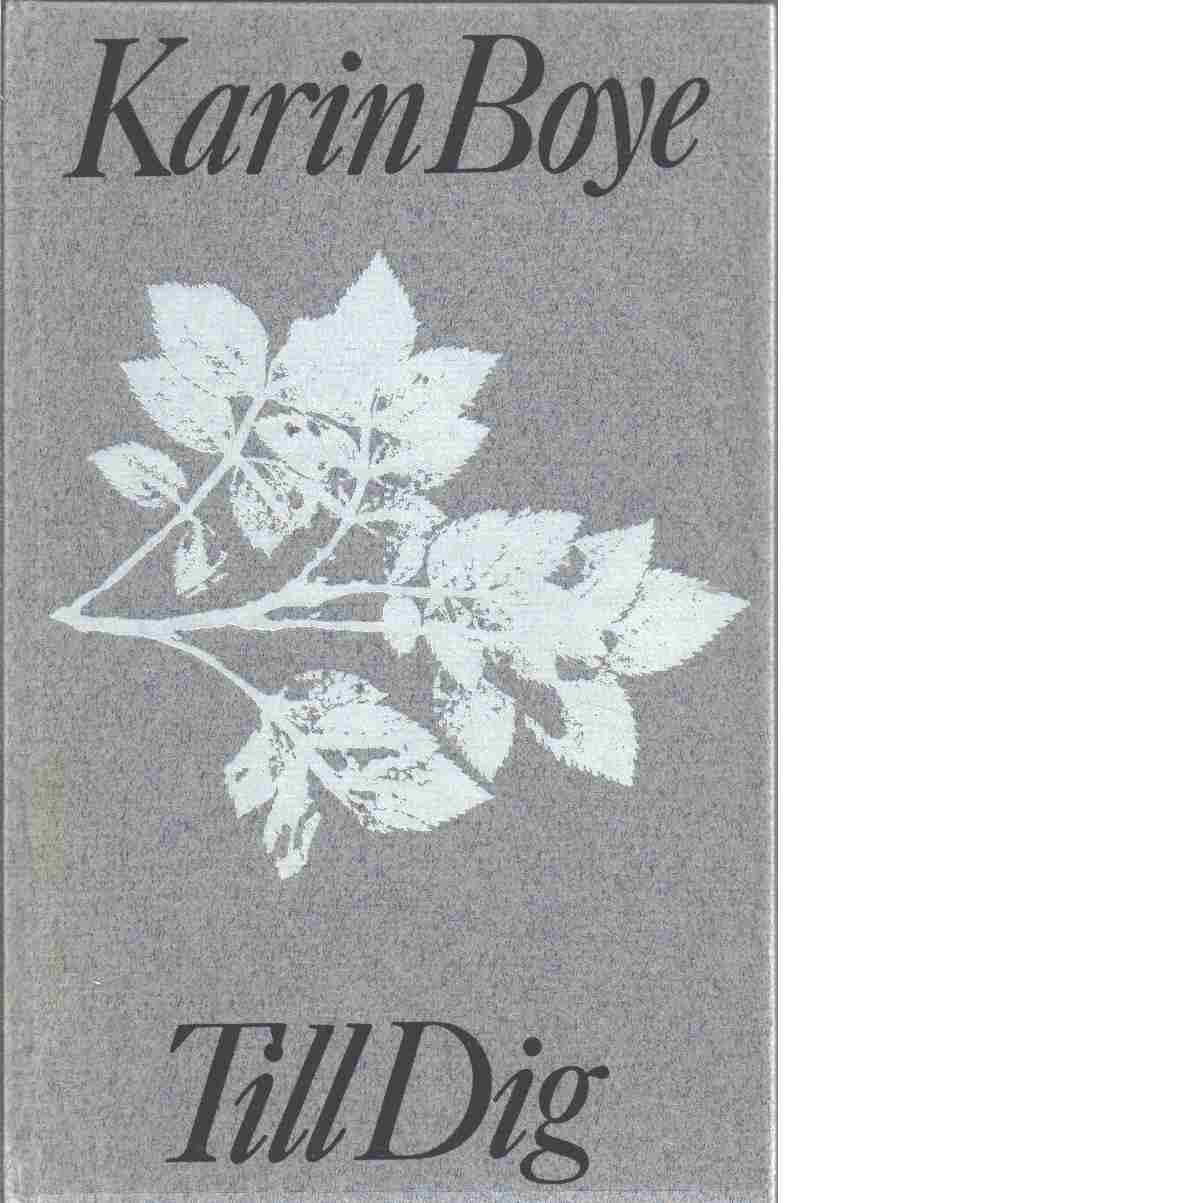 Till dig / Karin Boye - Boye, Karin